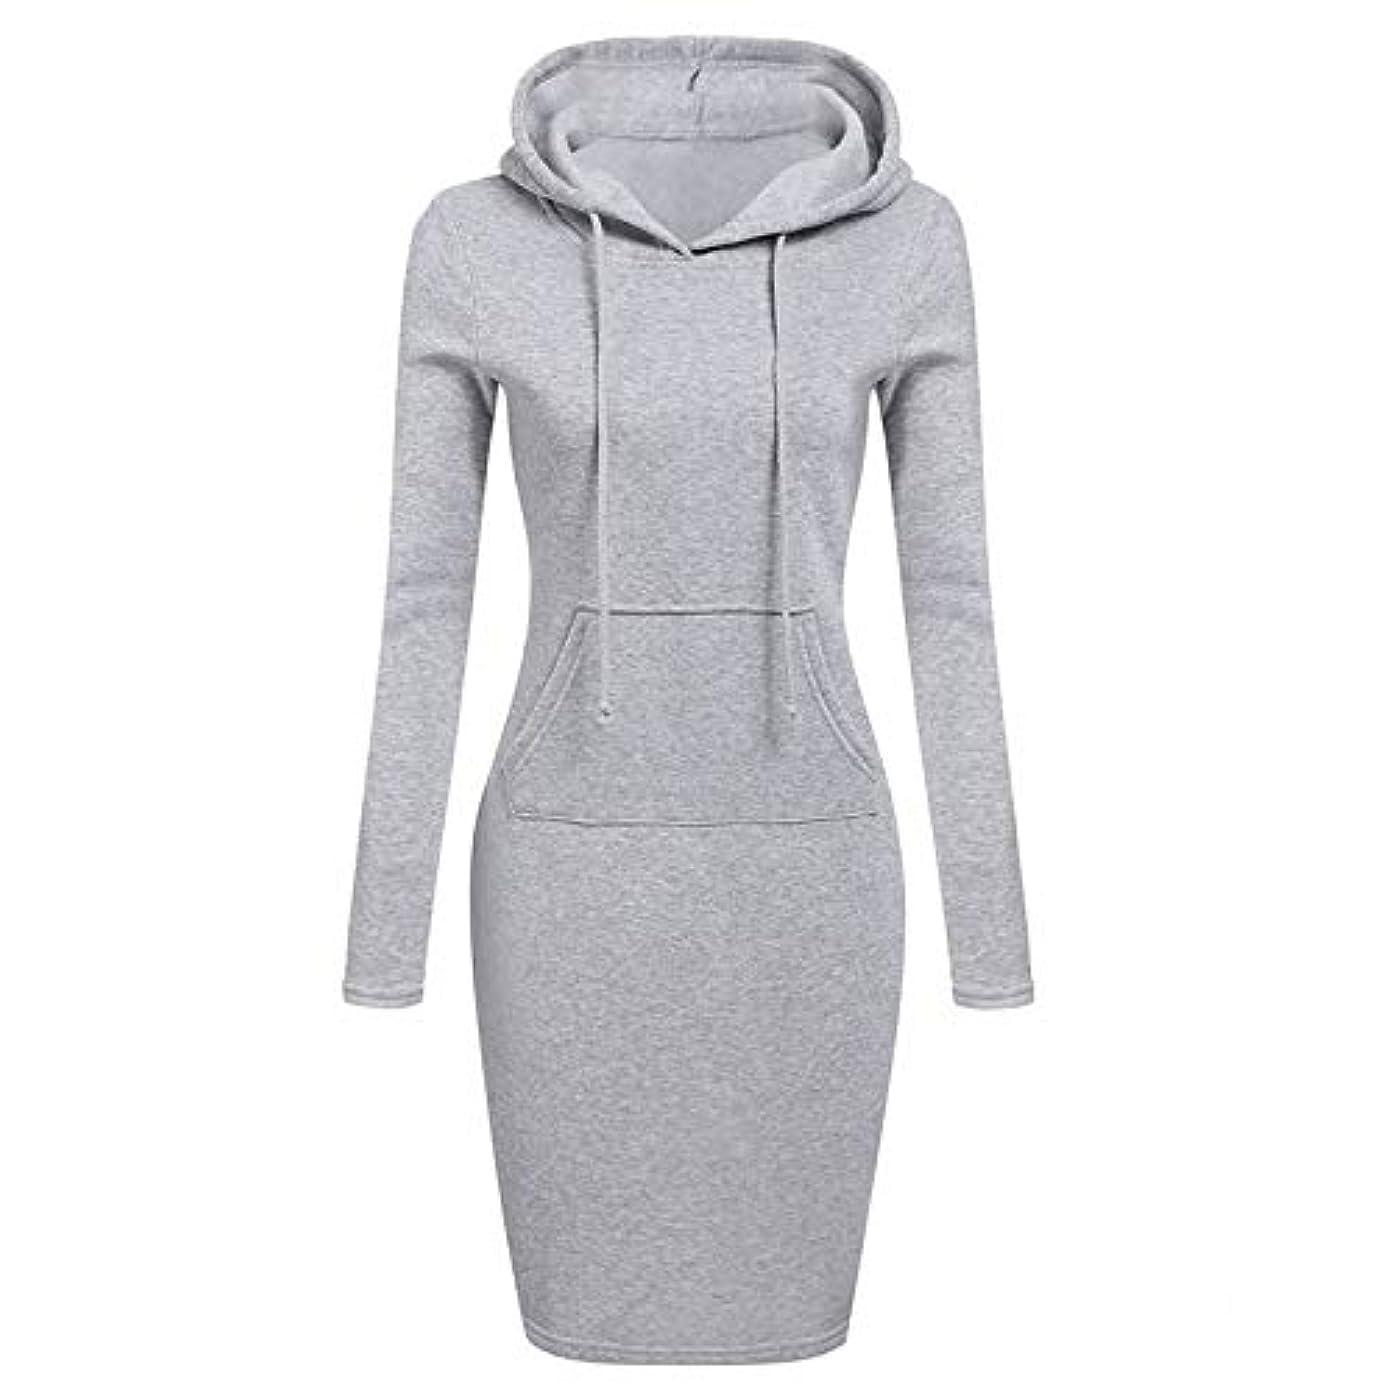 不誠実放出ぴかぴかOnderroa - ファッションフード付き巾着フリースの女性のドレス秋冬はドレス女性Vestidosパーカースウェットシャツドレスを温めます